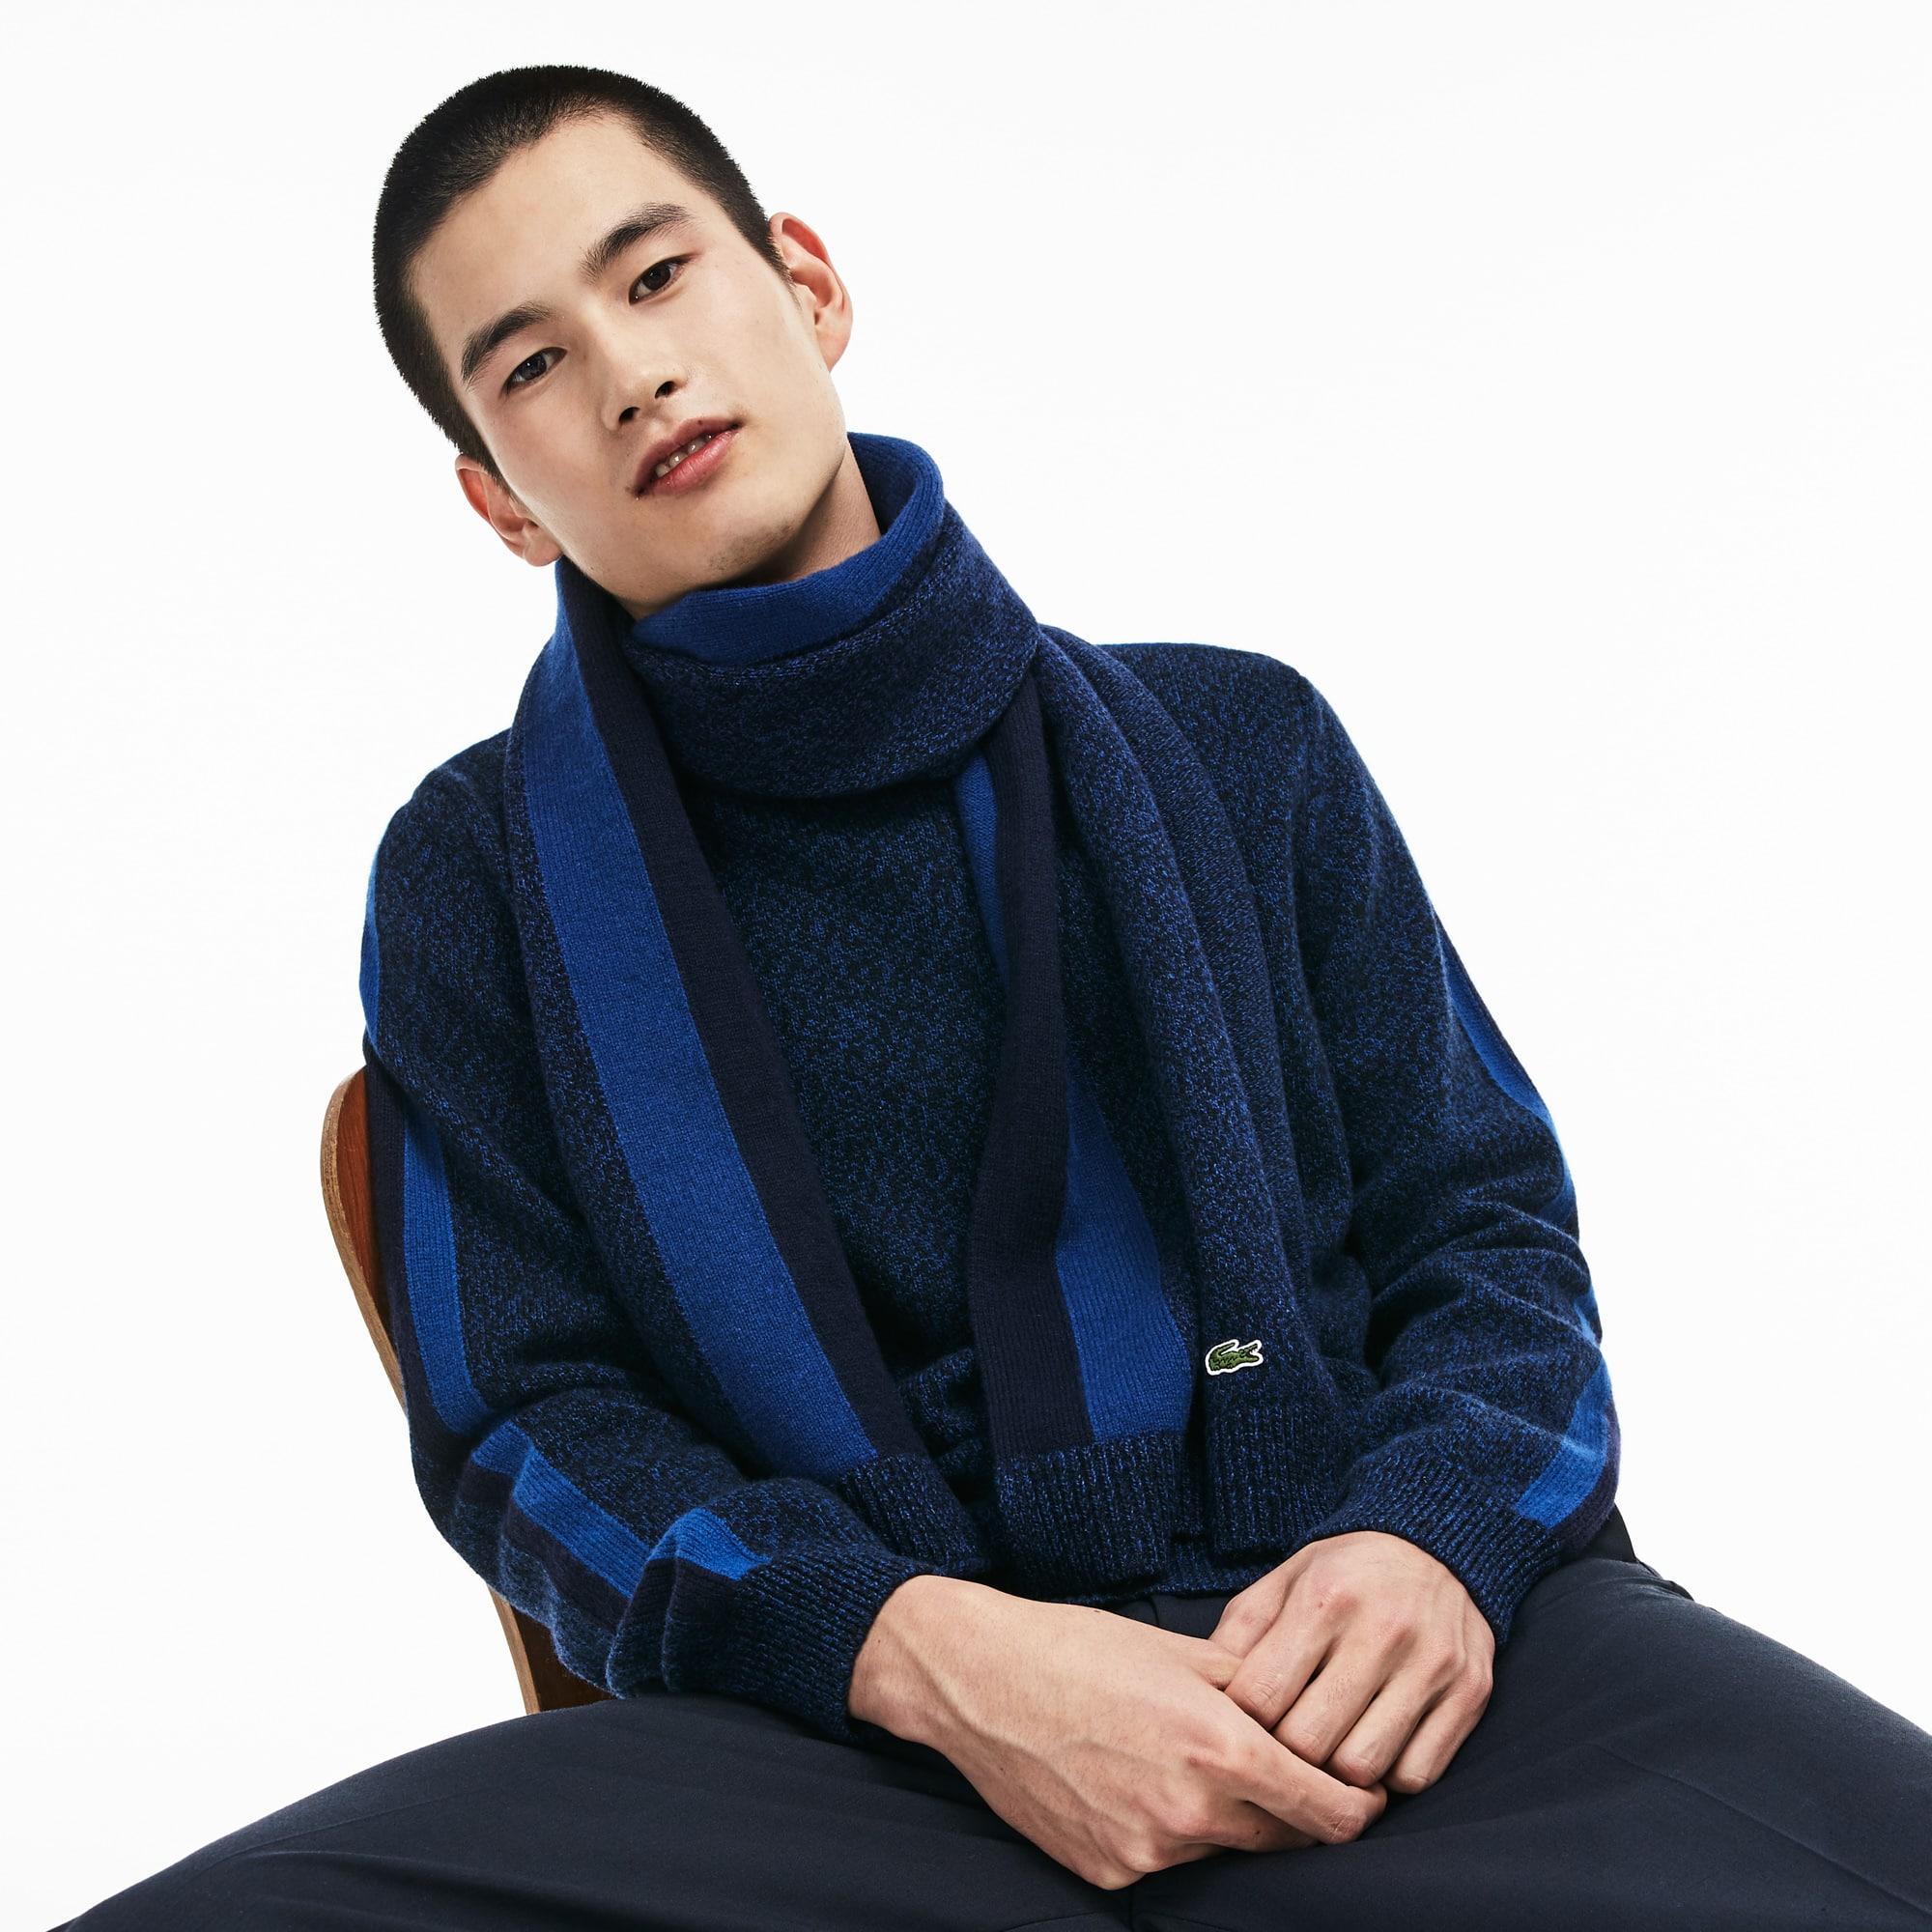 Echarpe em jersey de lã mouliné com faixa a contrastar